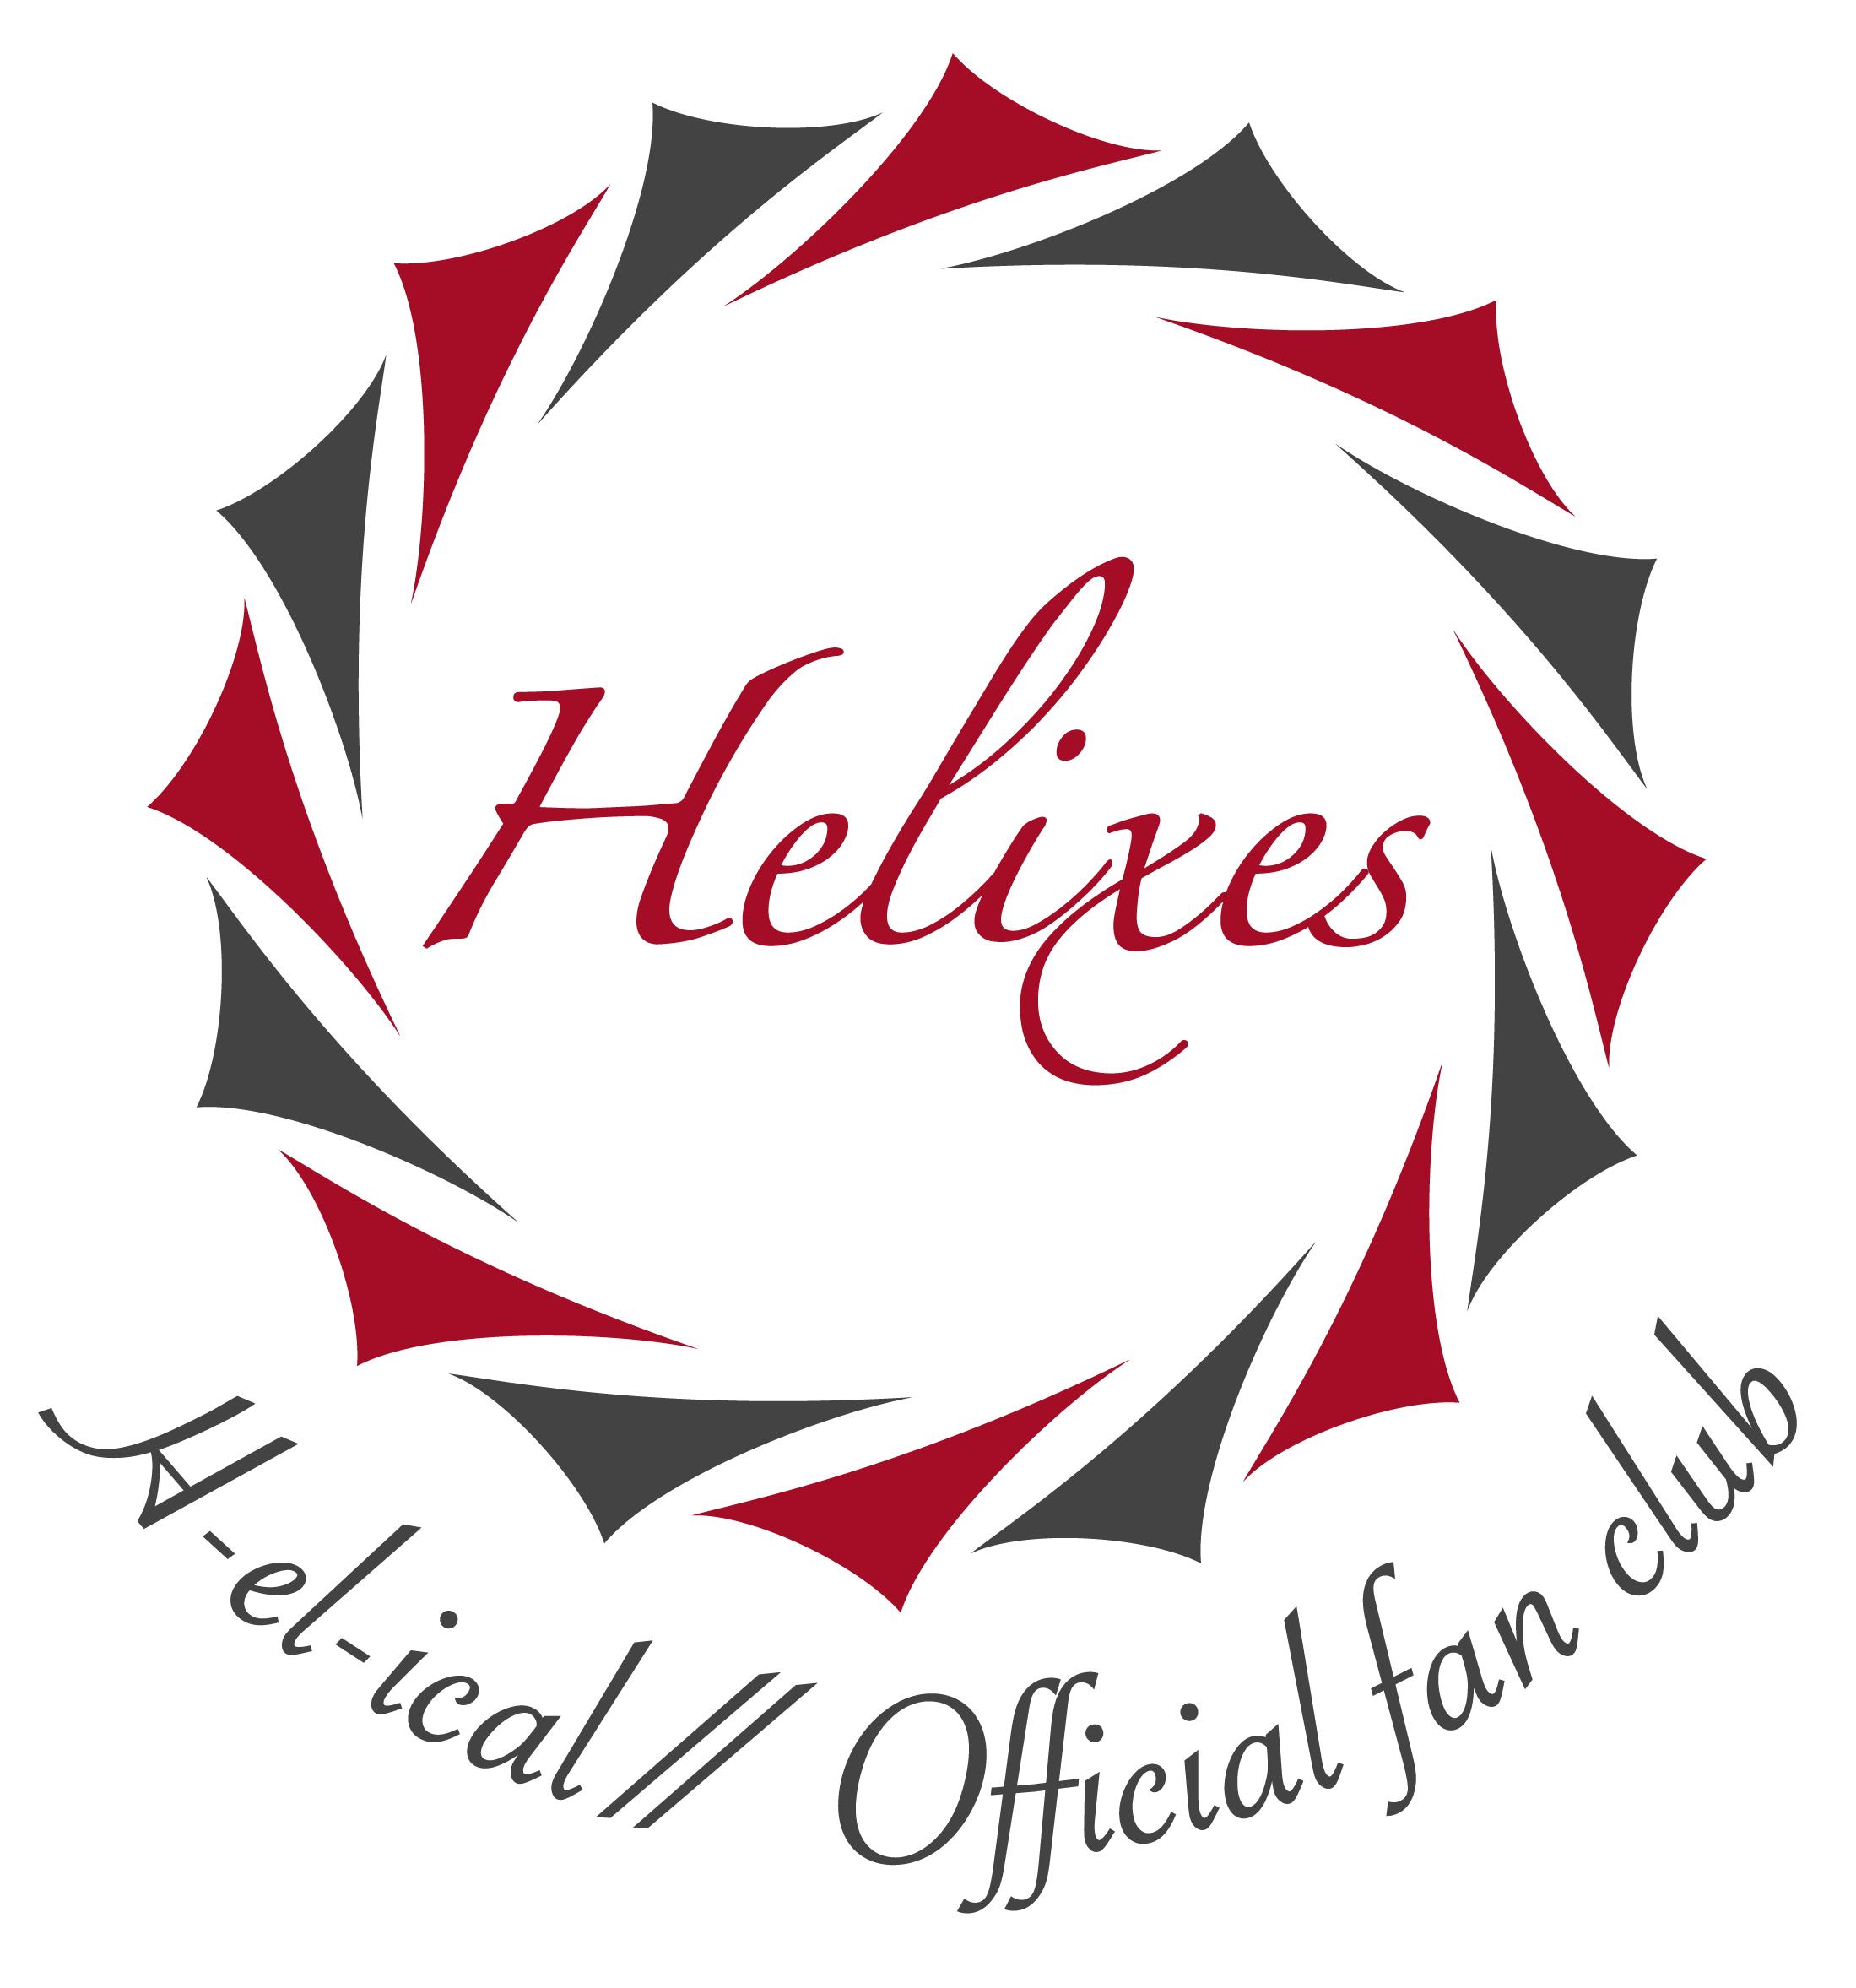 【ファンクラブ】iOSでHelixesをご利用の方へ大切なお知らせ